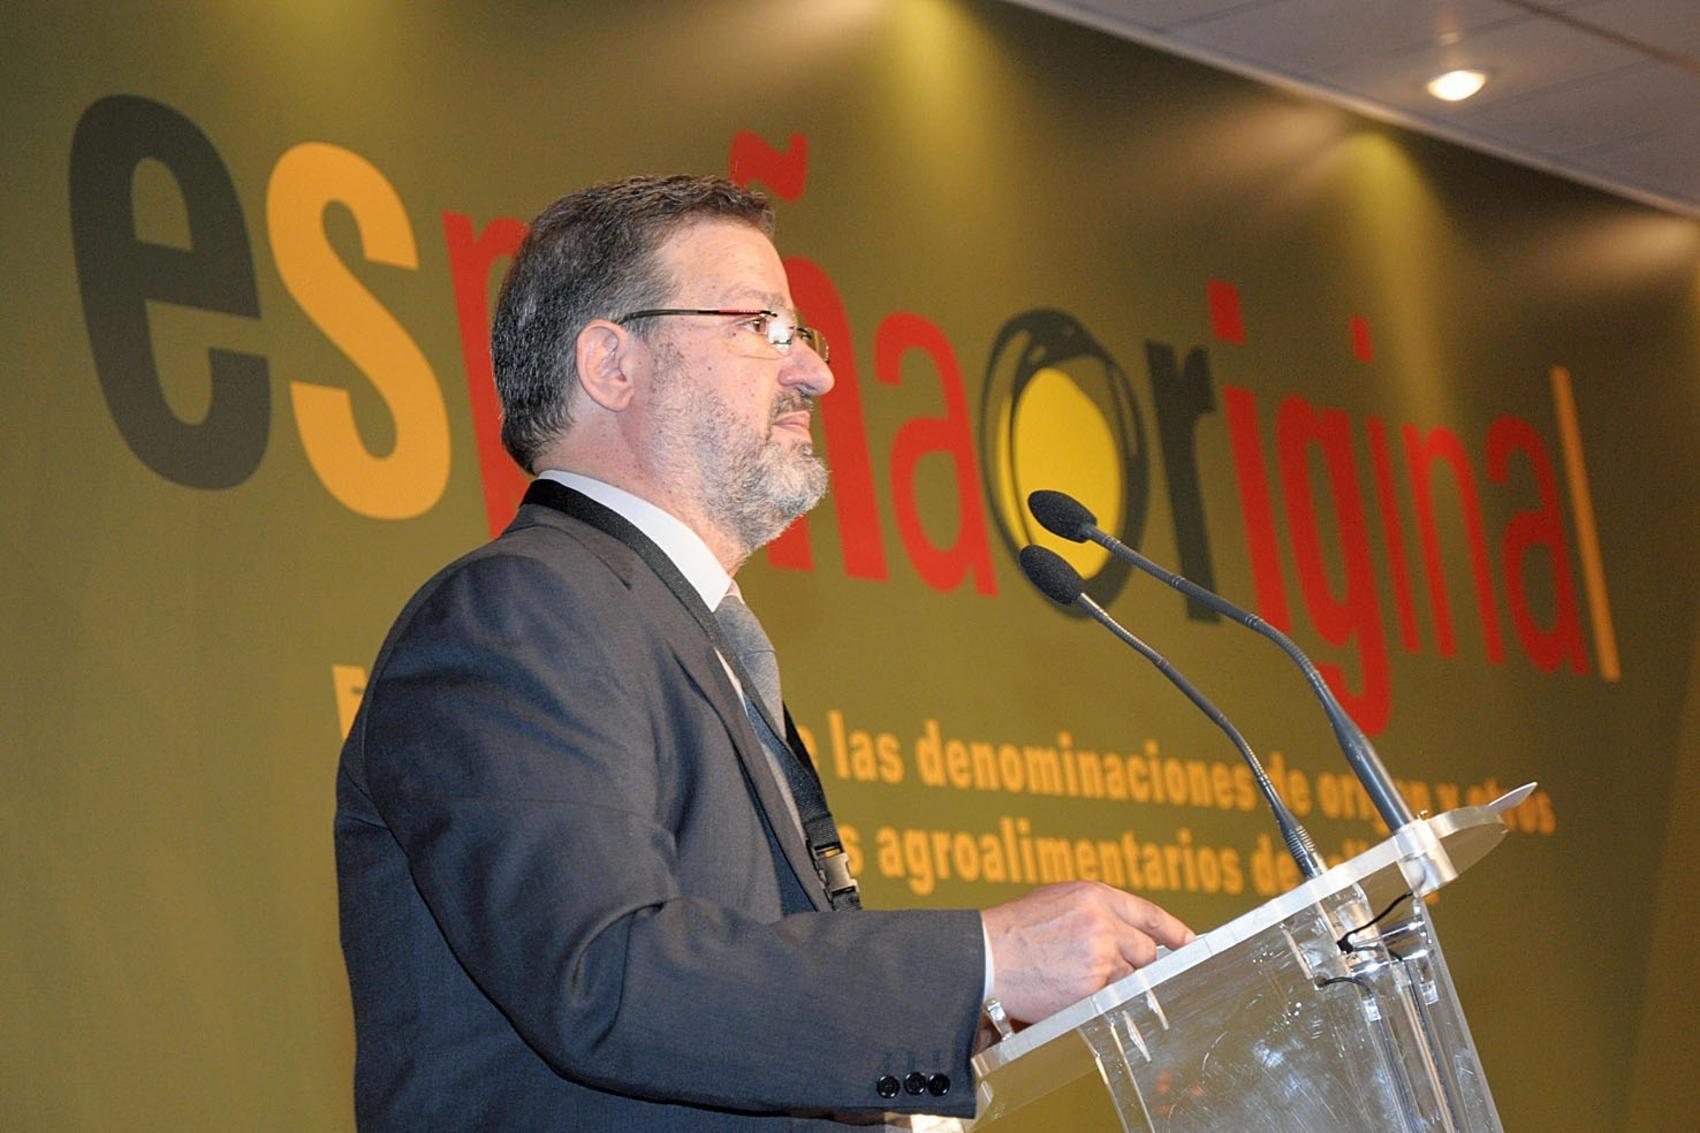 El presidente de la Diputación de Ciudad Real avanza que »España Original» no se celebrará en 2014 por falta de ayudas